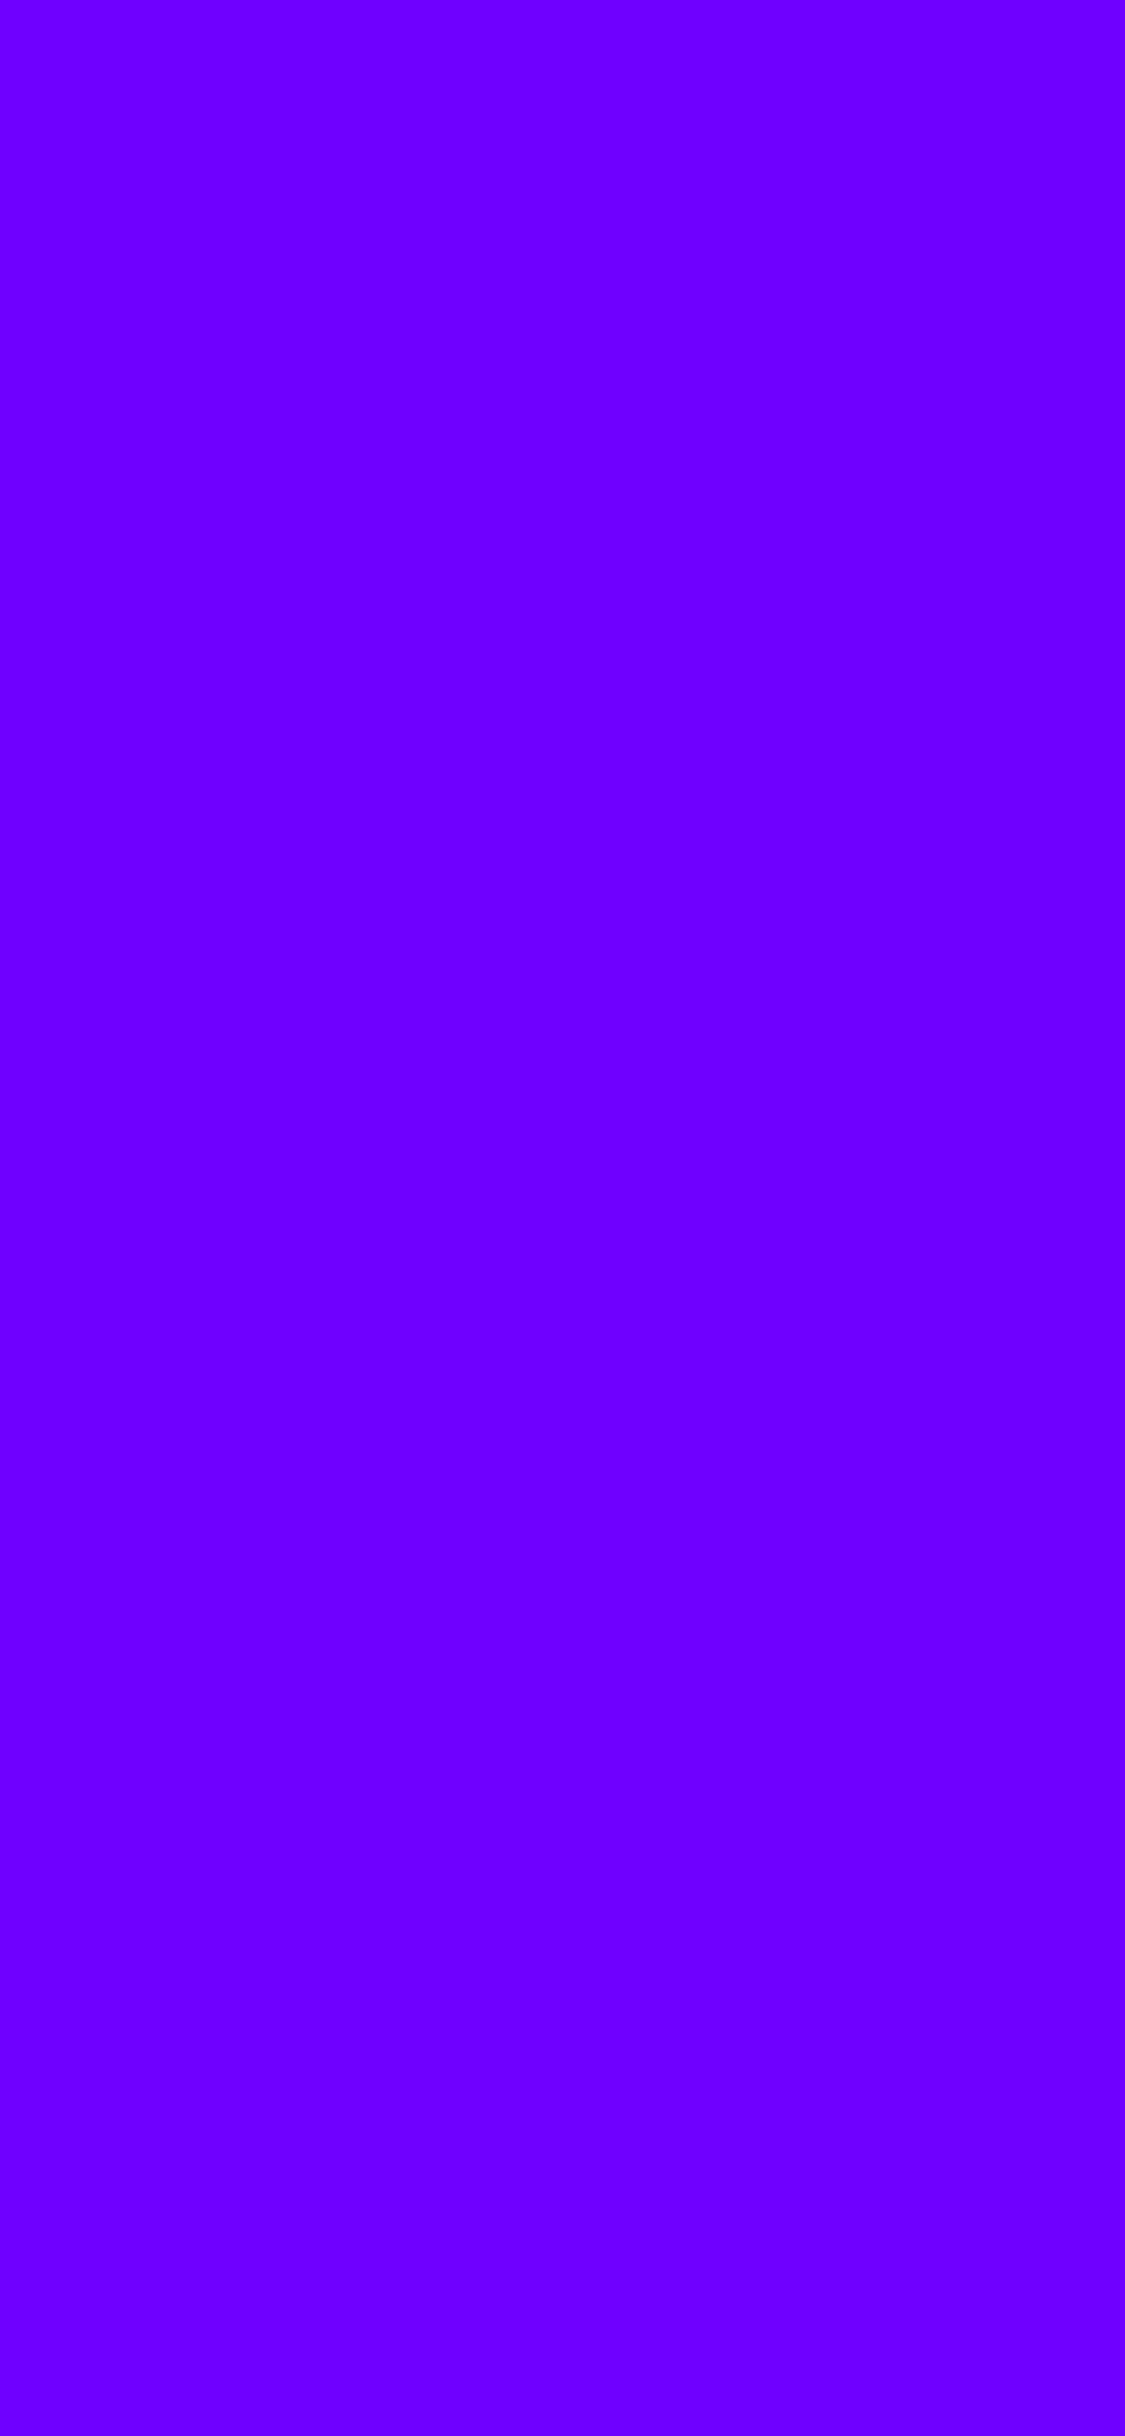 1125x2436 Indigo Solid Color Background